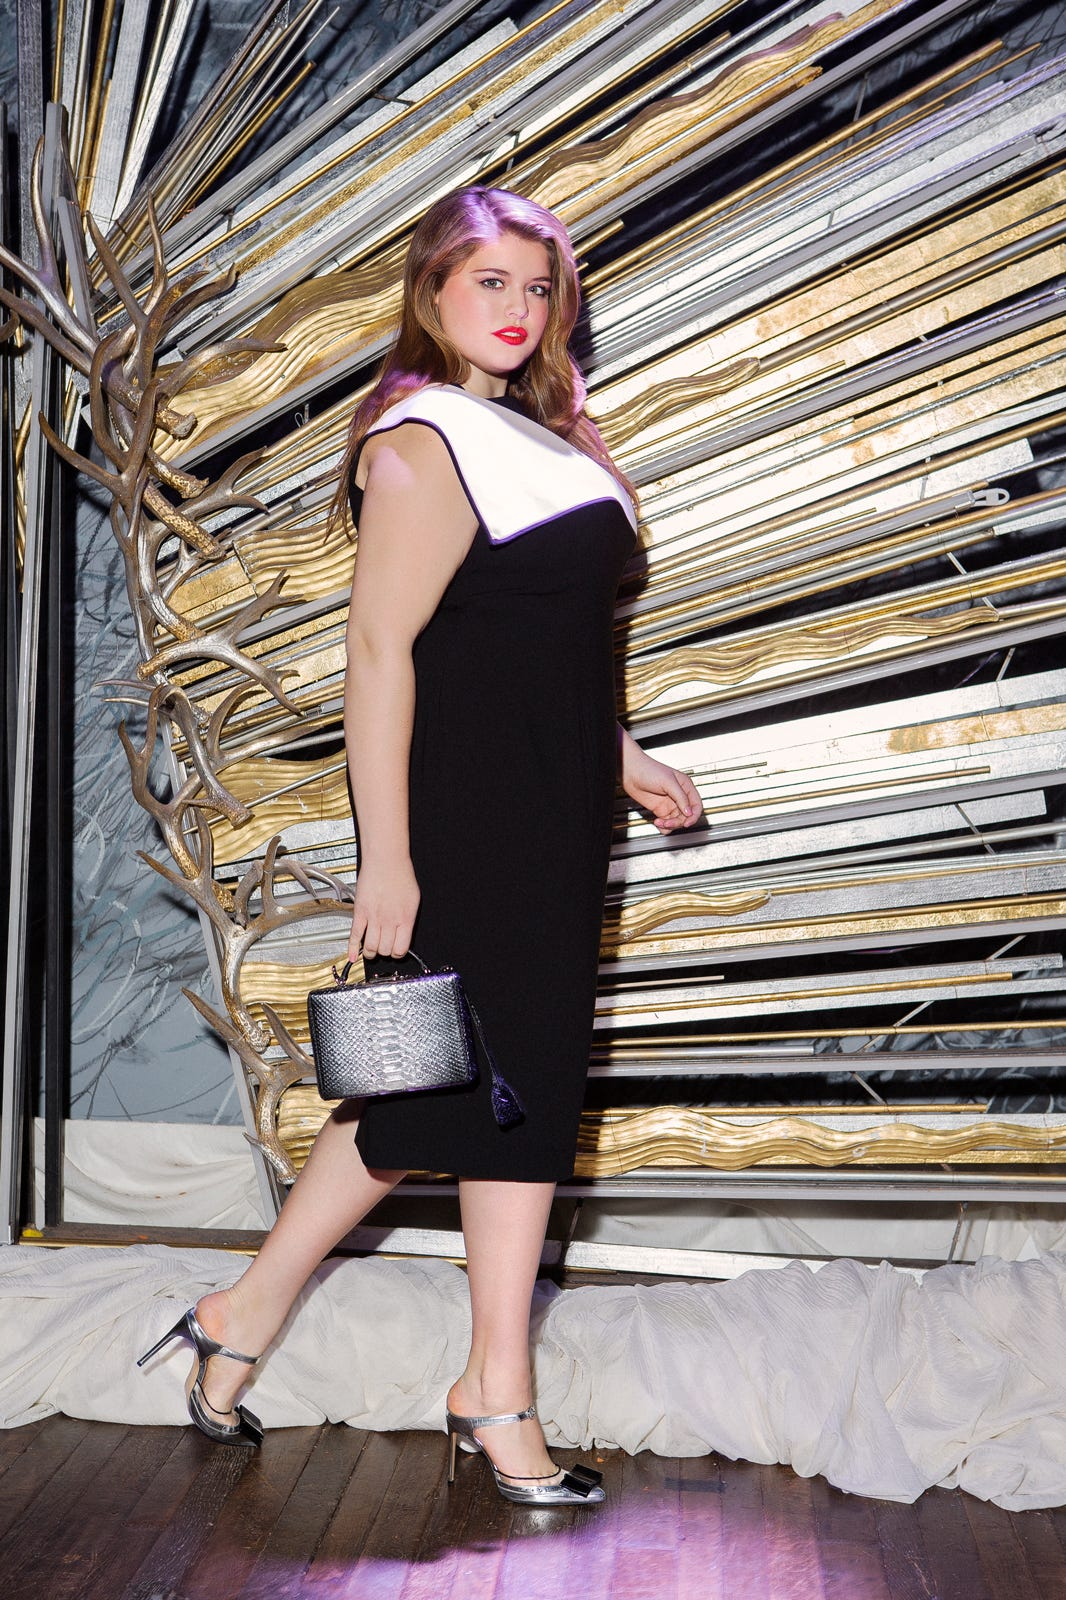 a4457e106fe8 Plus Size Cocktail Dresses - Flattering Party Dress